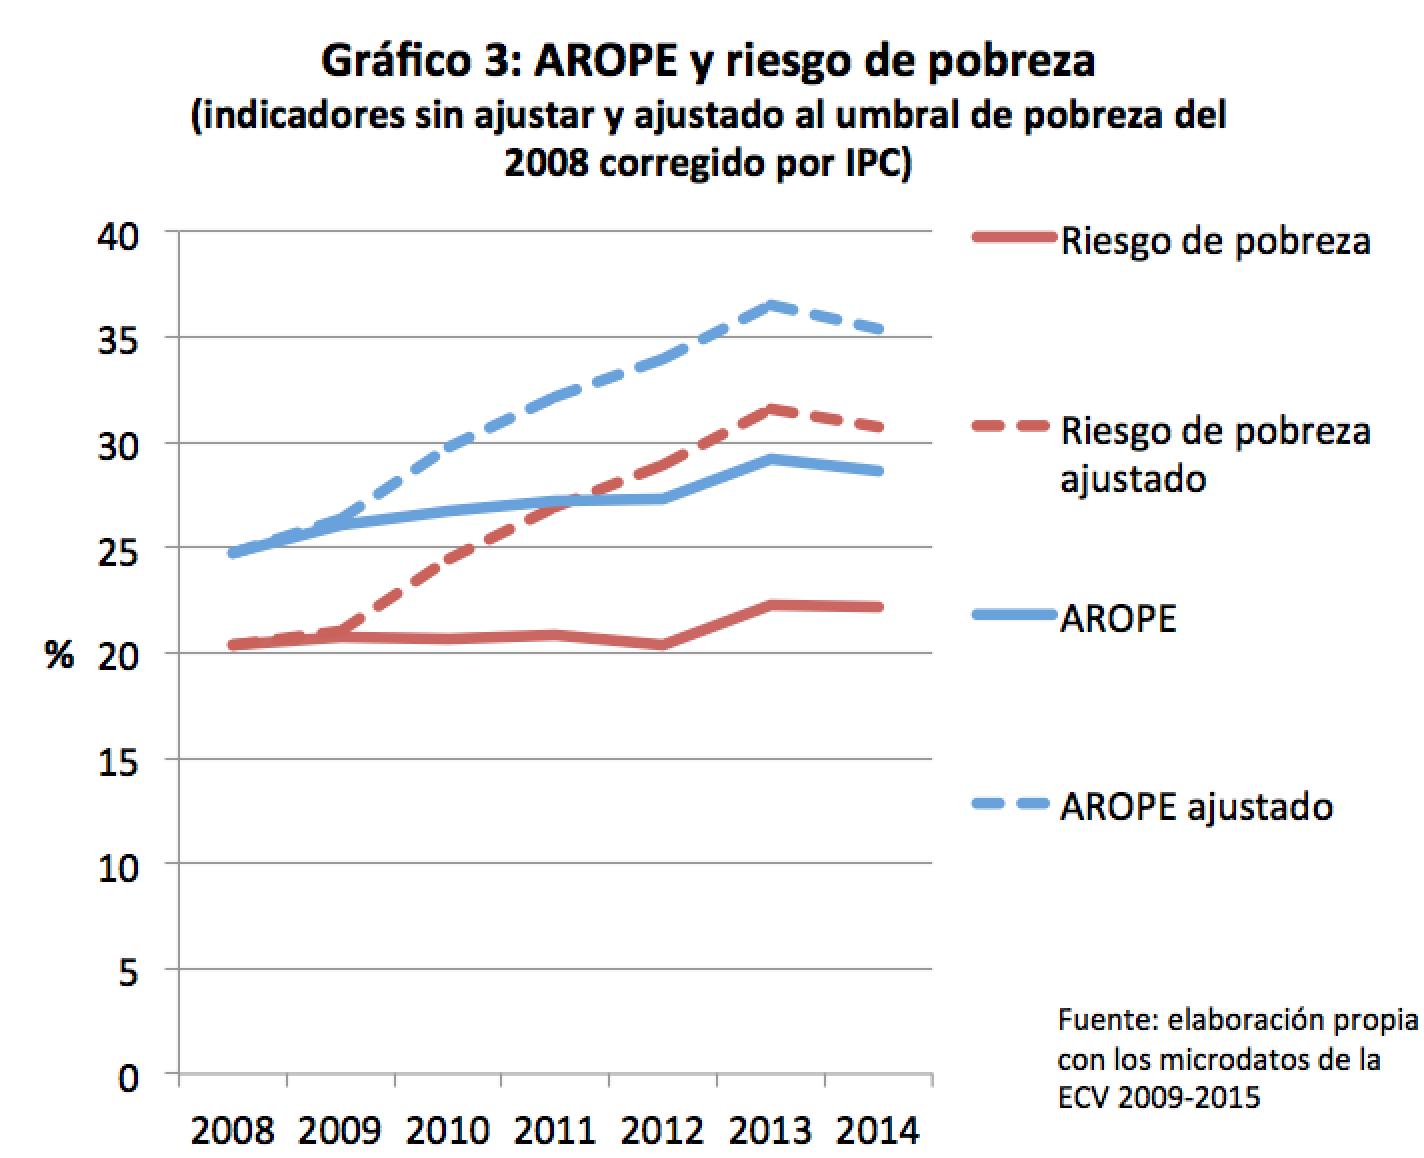 graf3_arope_ajustado